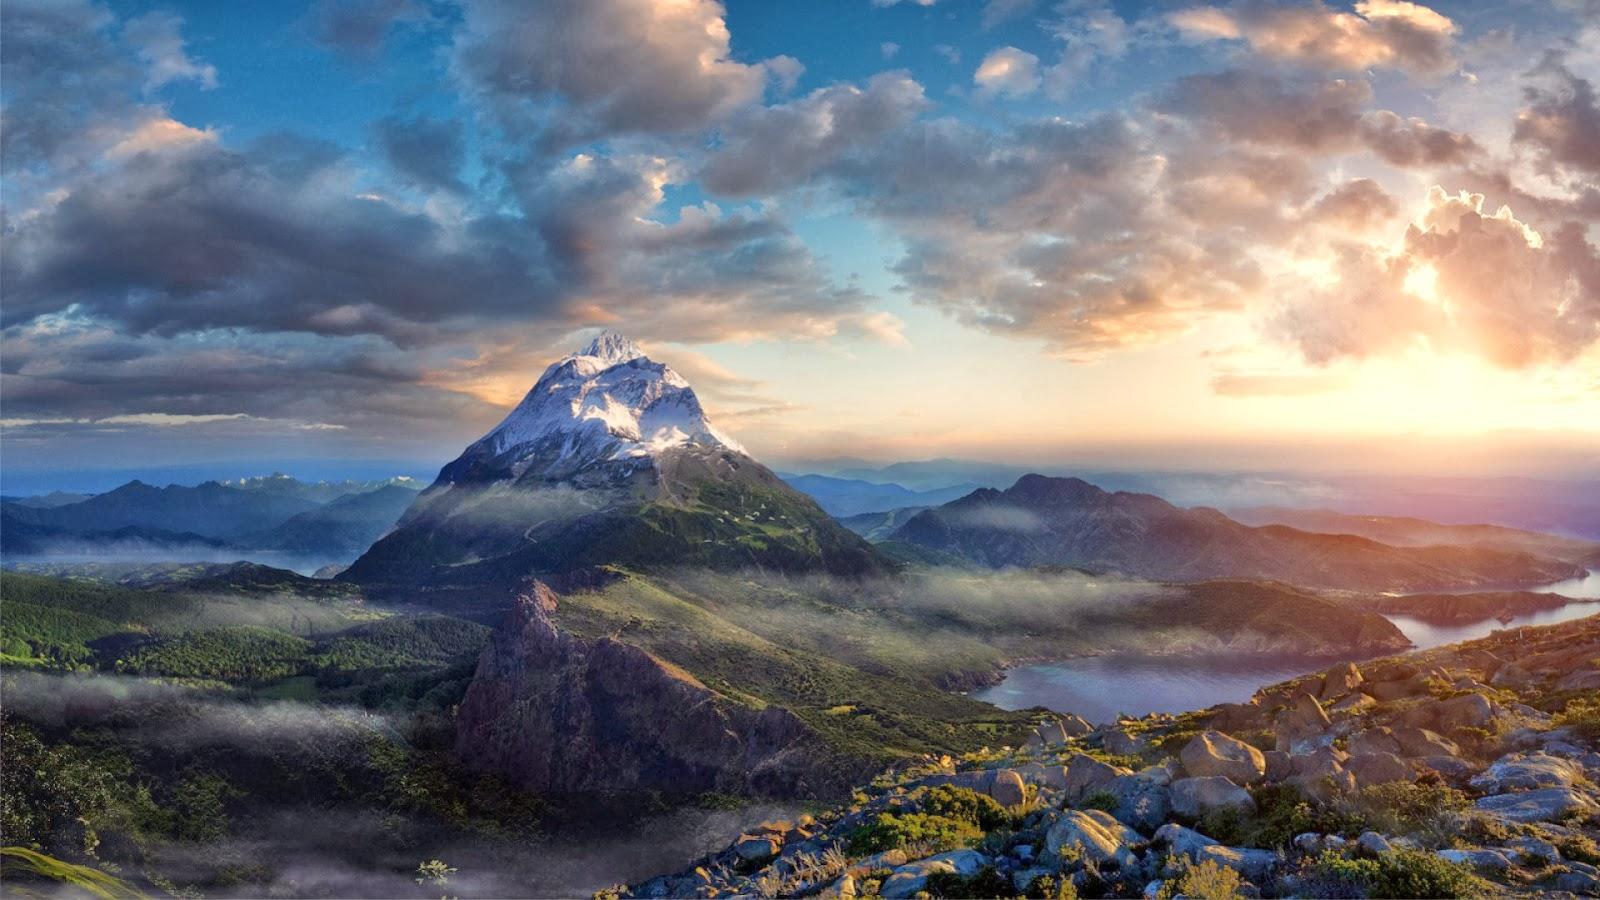 Fondo De Escritorio Montañas Nevadas: Descarga Fondos HD: Fondo De Pantalla